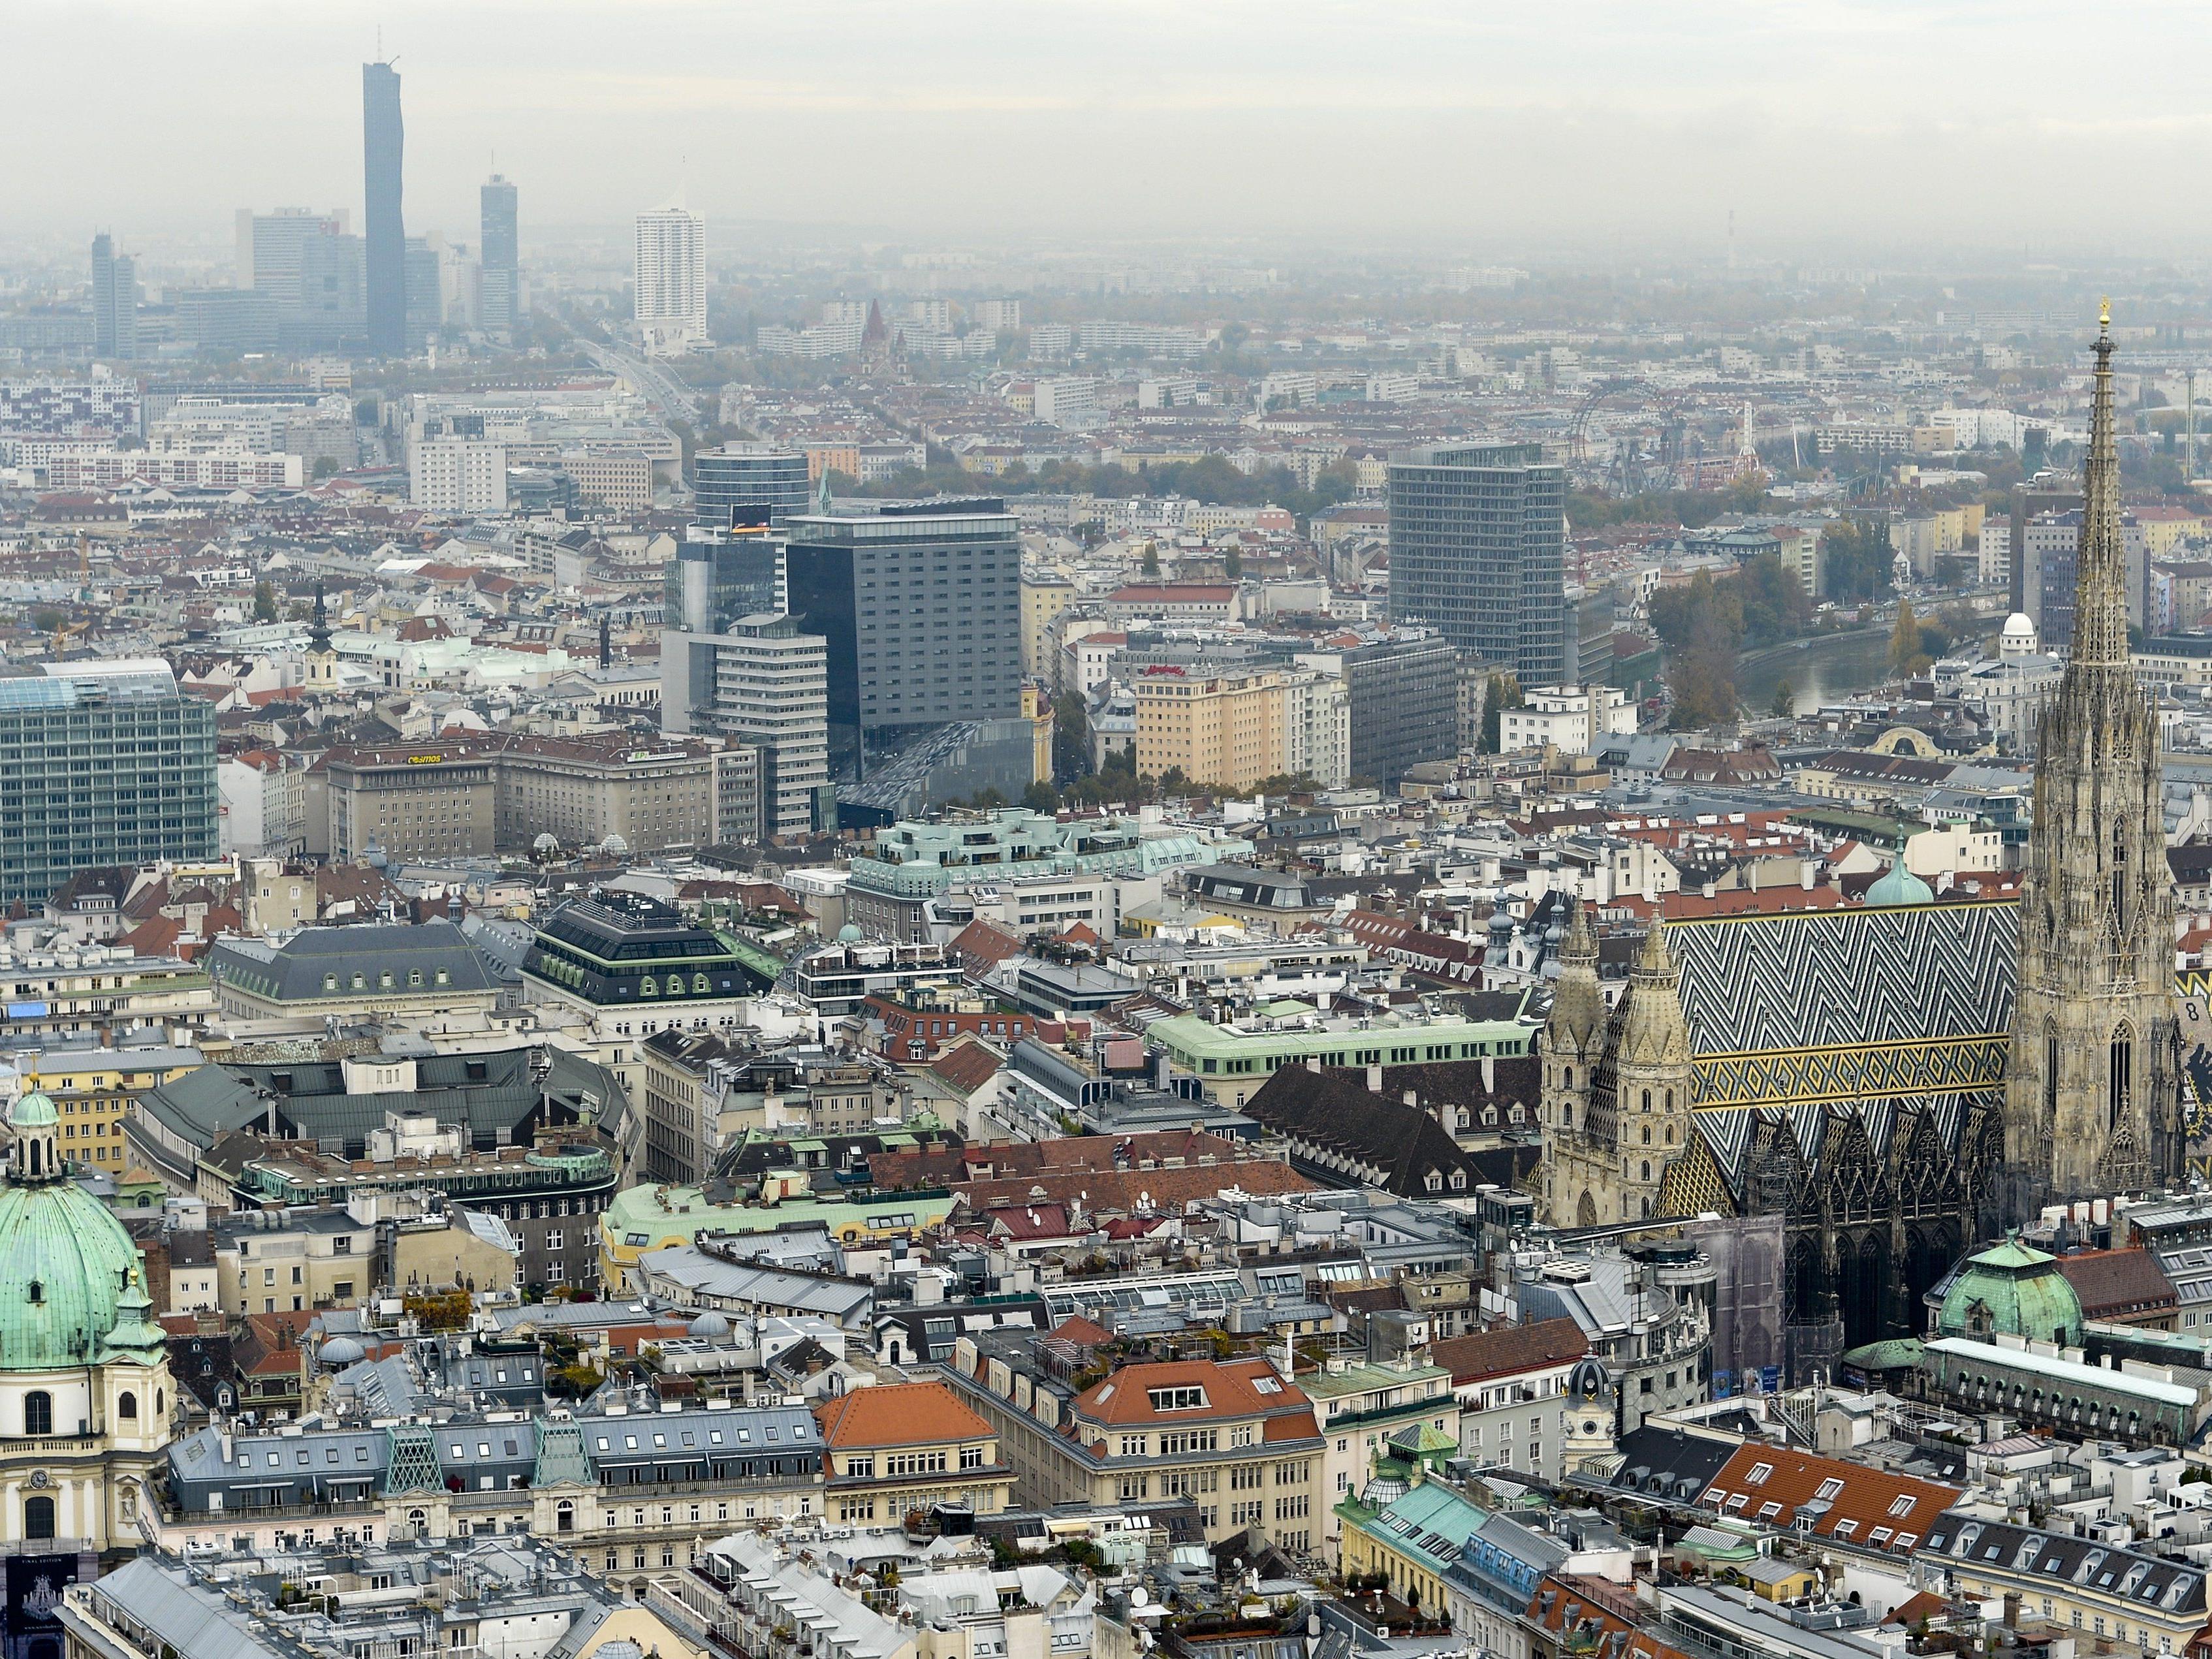 Nachhaltigkeit in Wien: Das unternimmt die Stadt